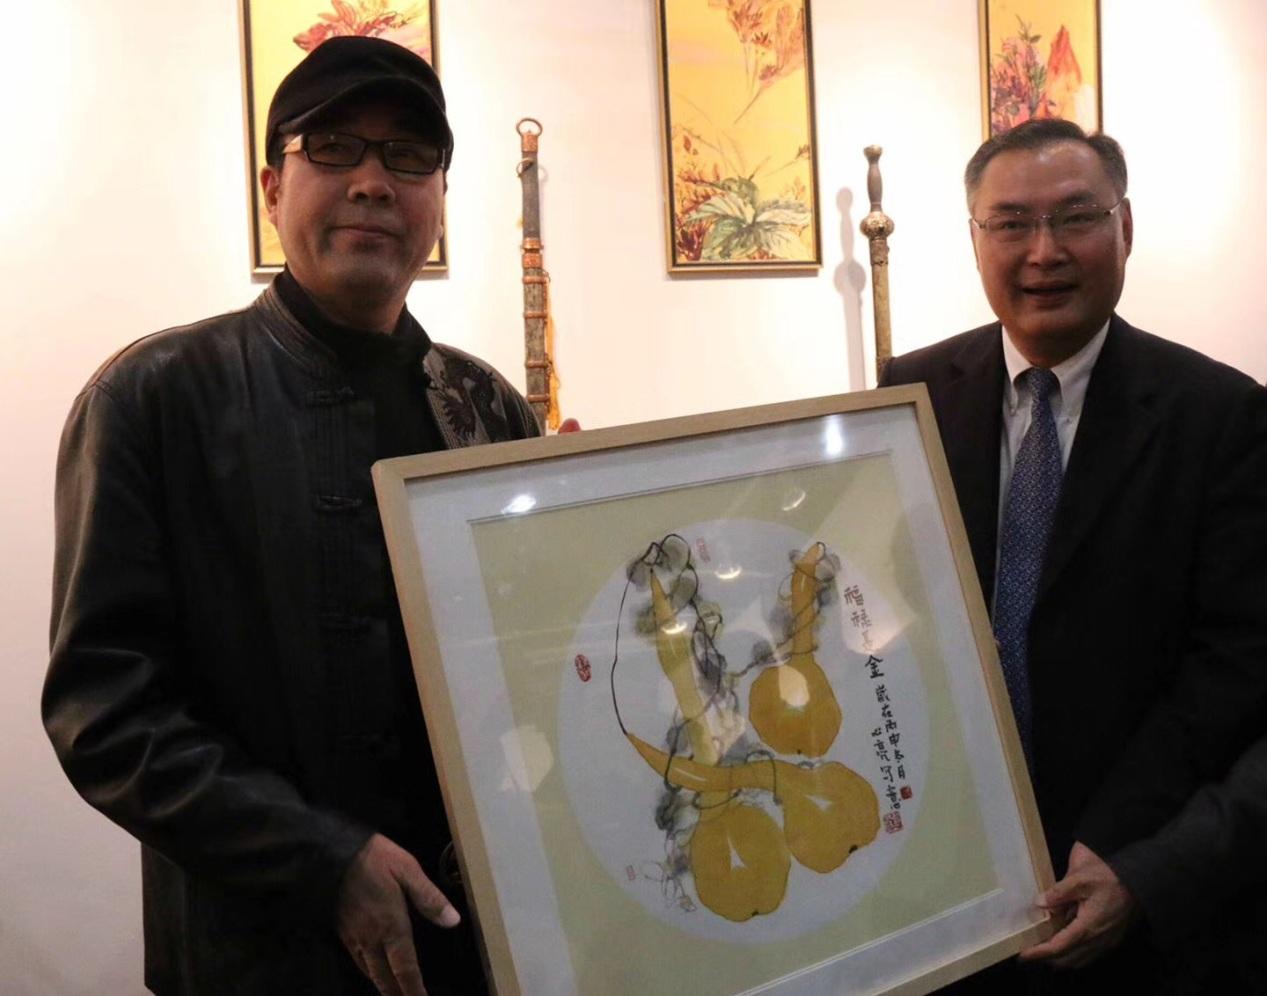 中国艺术家组团亮相洛杉矶艺术博览会 刘心亮老师四幅佳作被收录